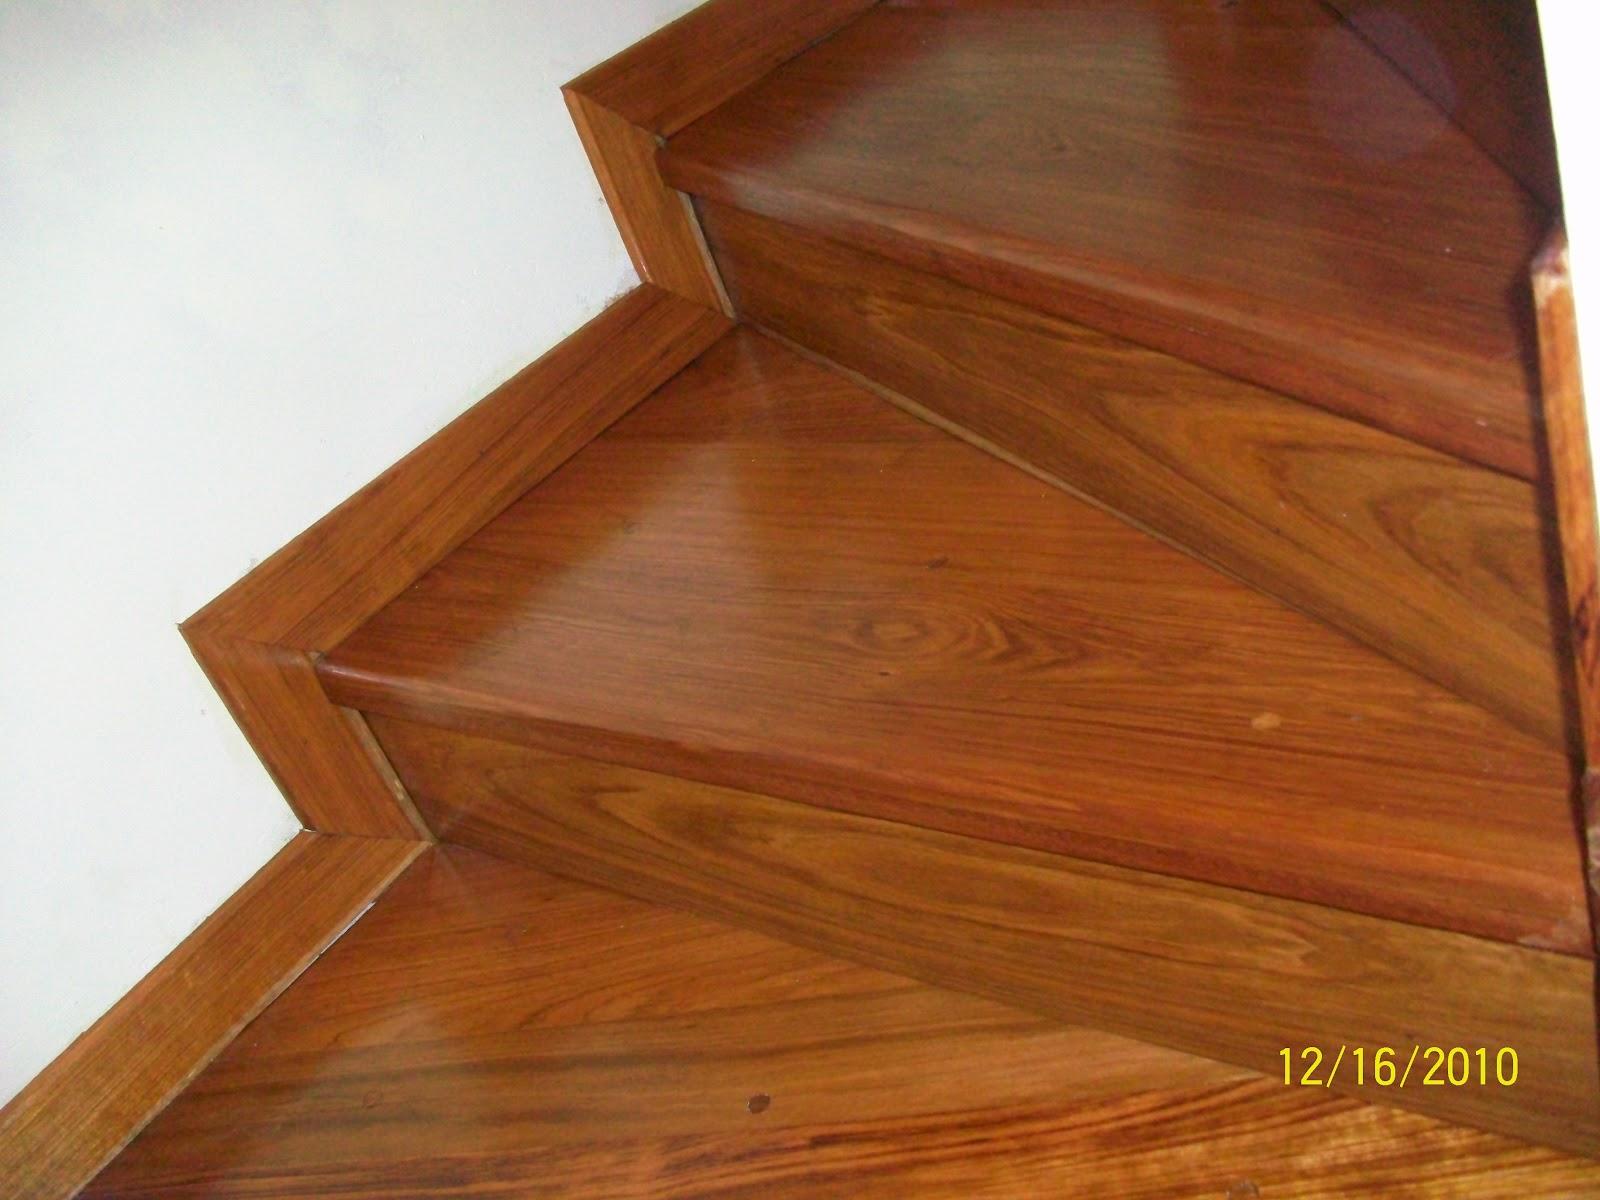 Pisos de madera mantenimientos instalacion - Instalacion piso madera ...